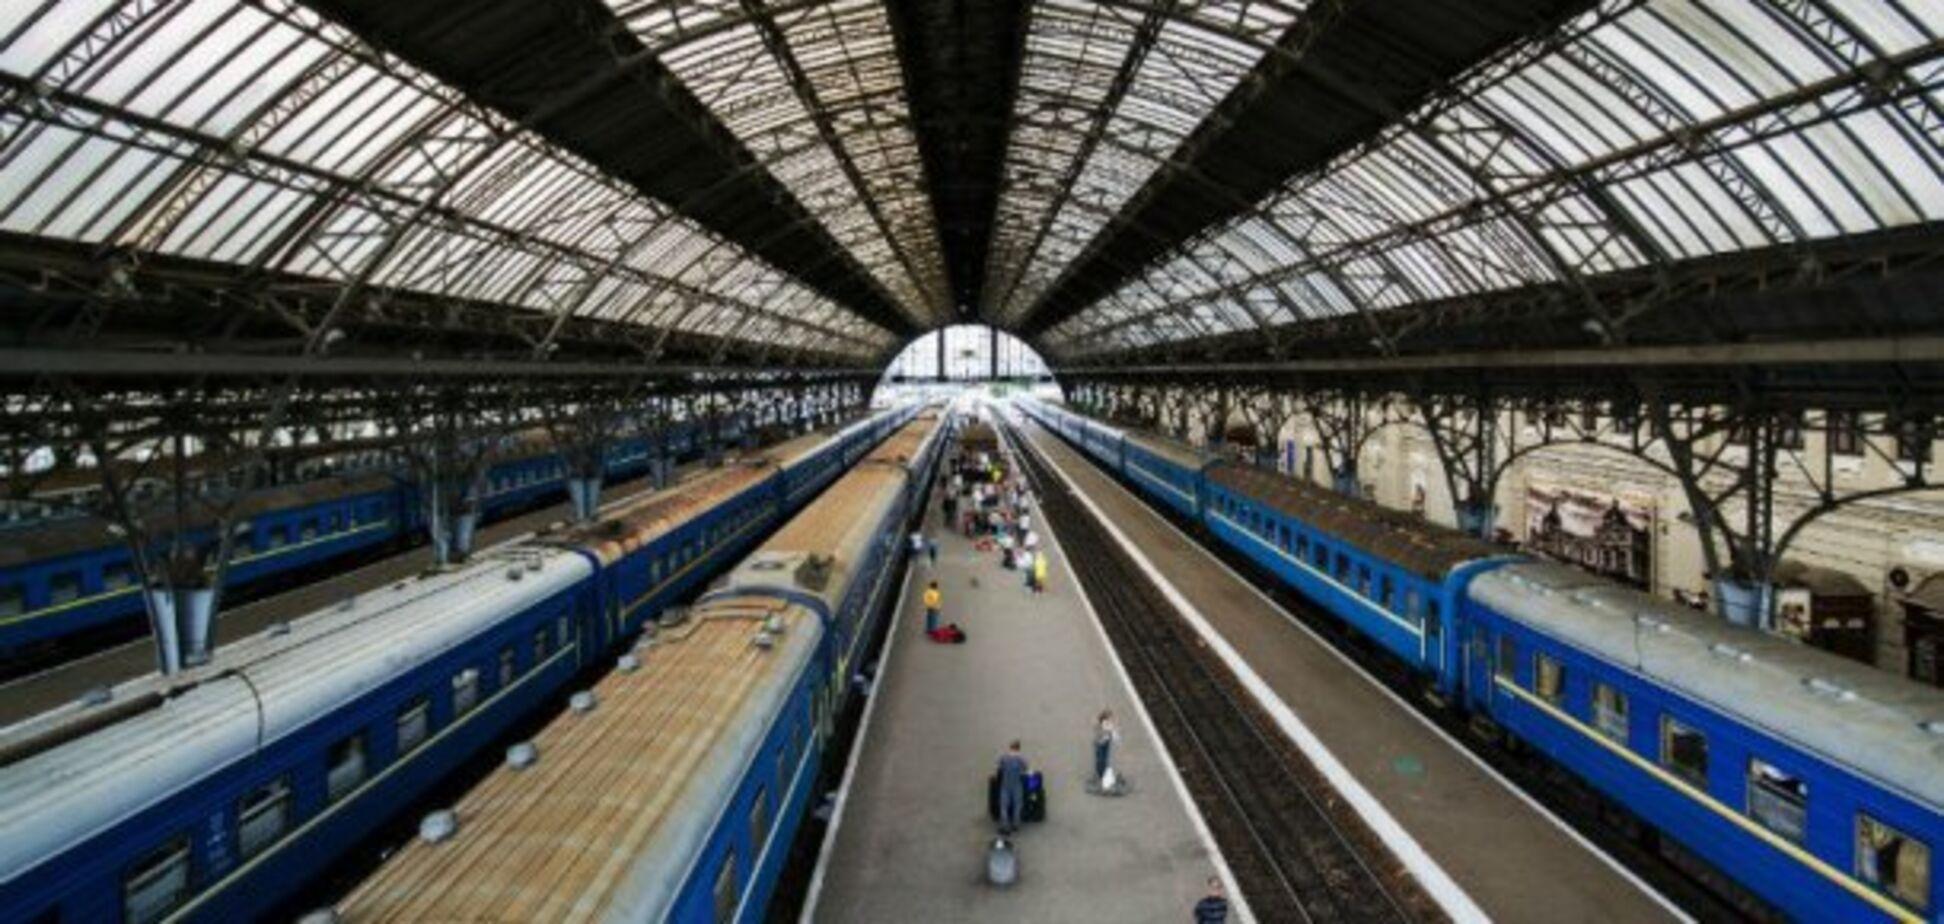 В 'Укрзалізниці' поменяются цены на билеты: все подробности новшества